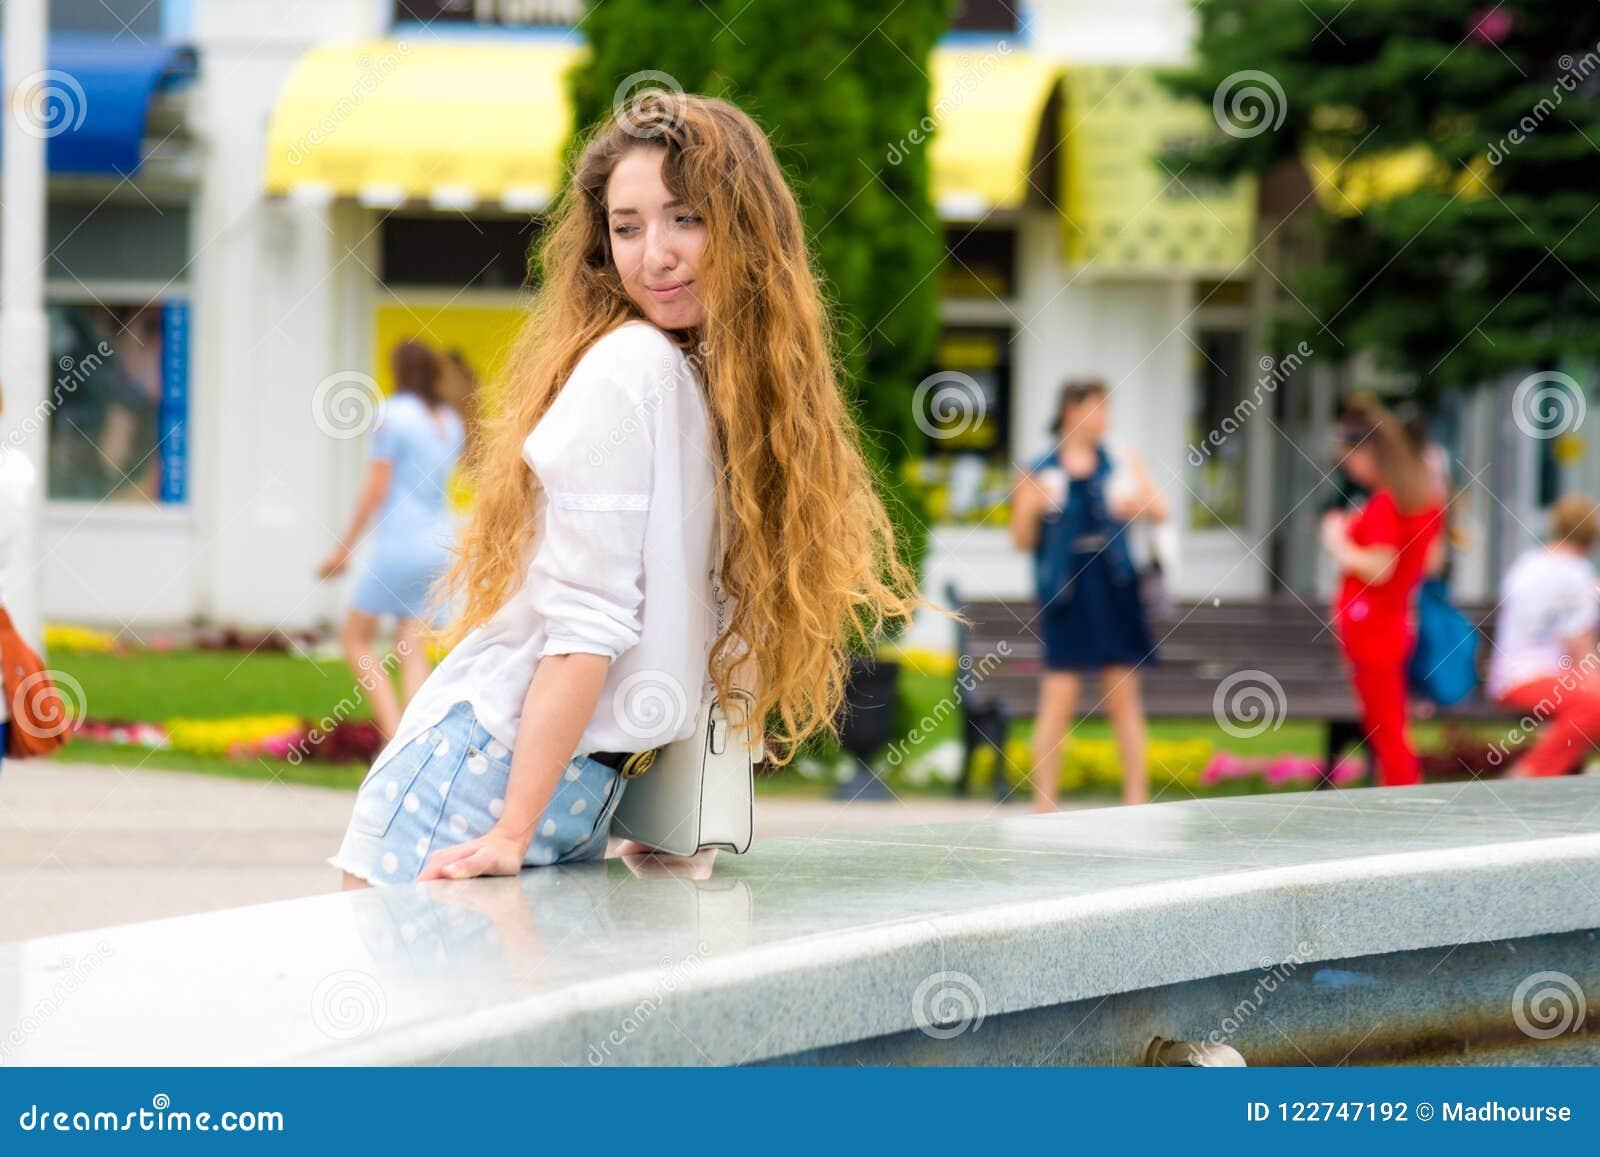 La bella ragazza esamina i passanti secondo la fontana nel parco